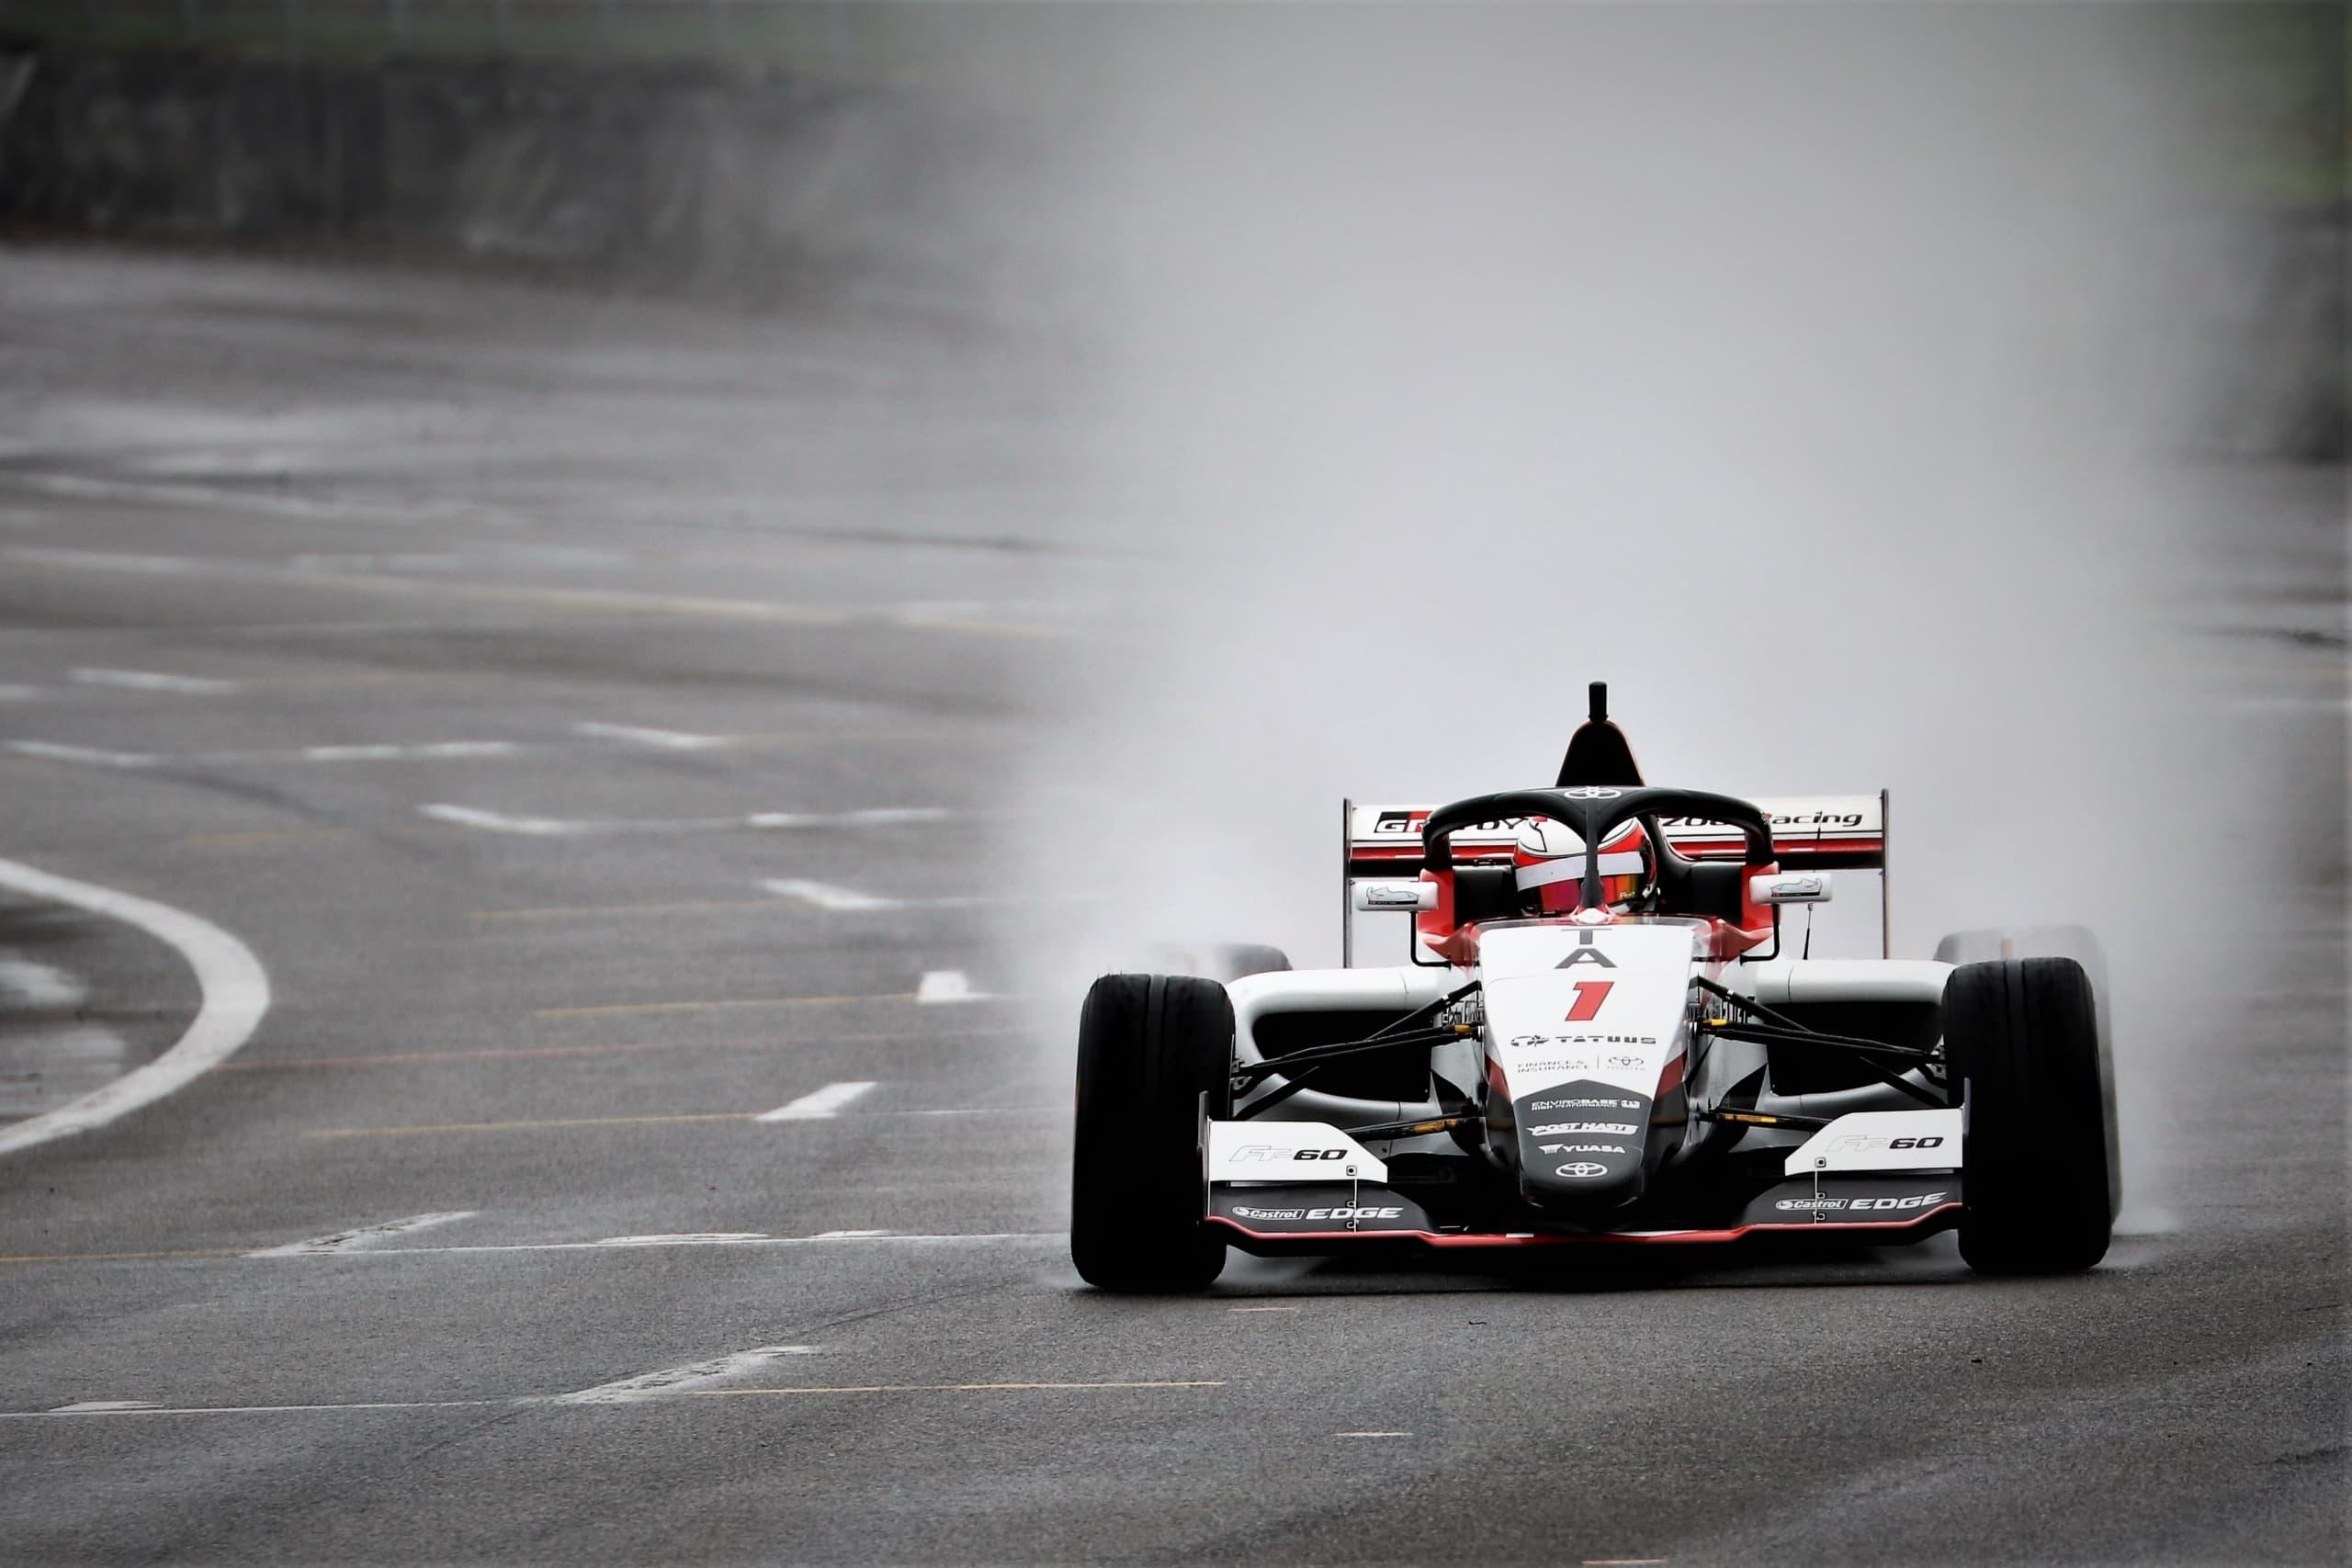 Der Toyota FT-60 ist ein global relevantes Auto und die Toyota Racing Series eine global relevante Meisterschaft für jeden ernsthaften jungen Rennfahrer.